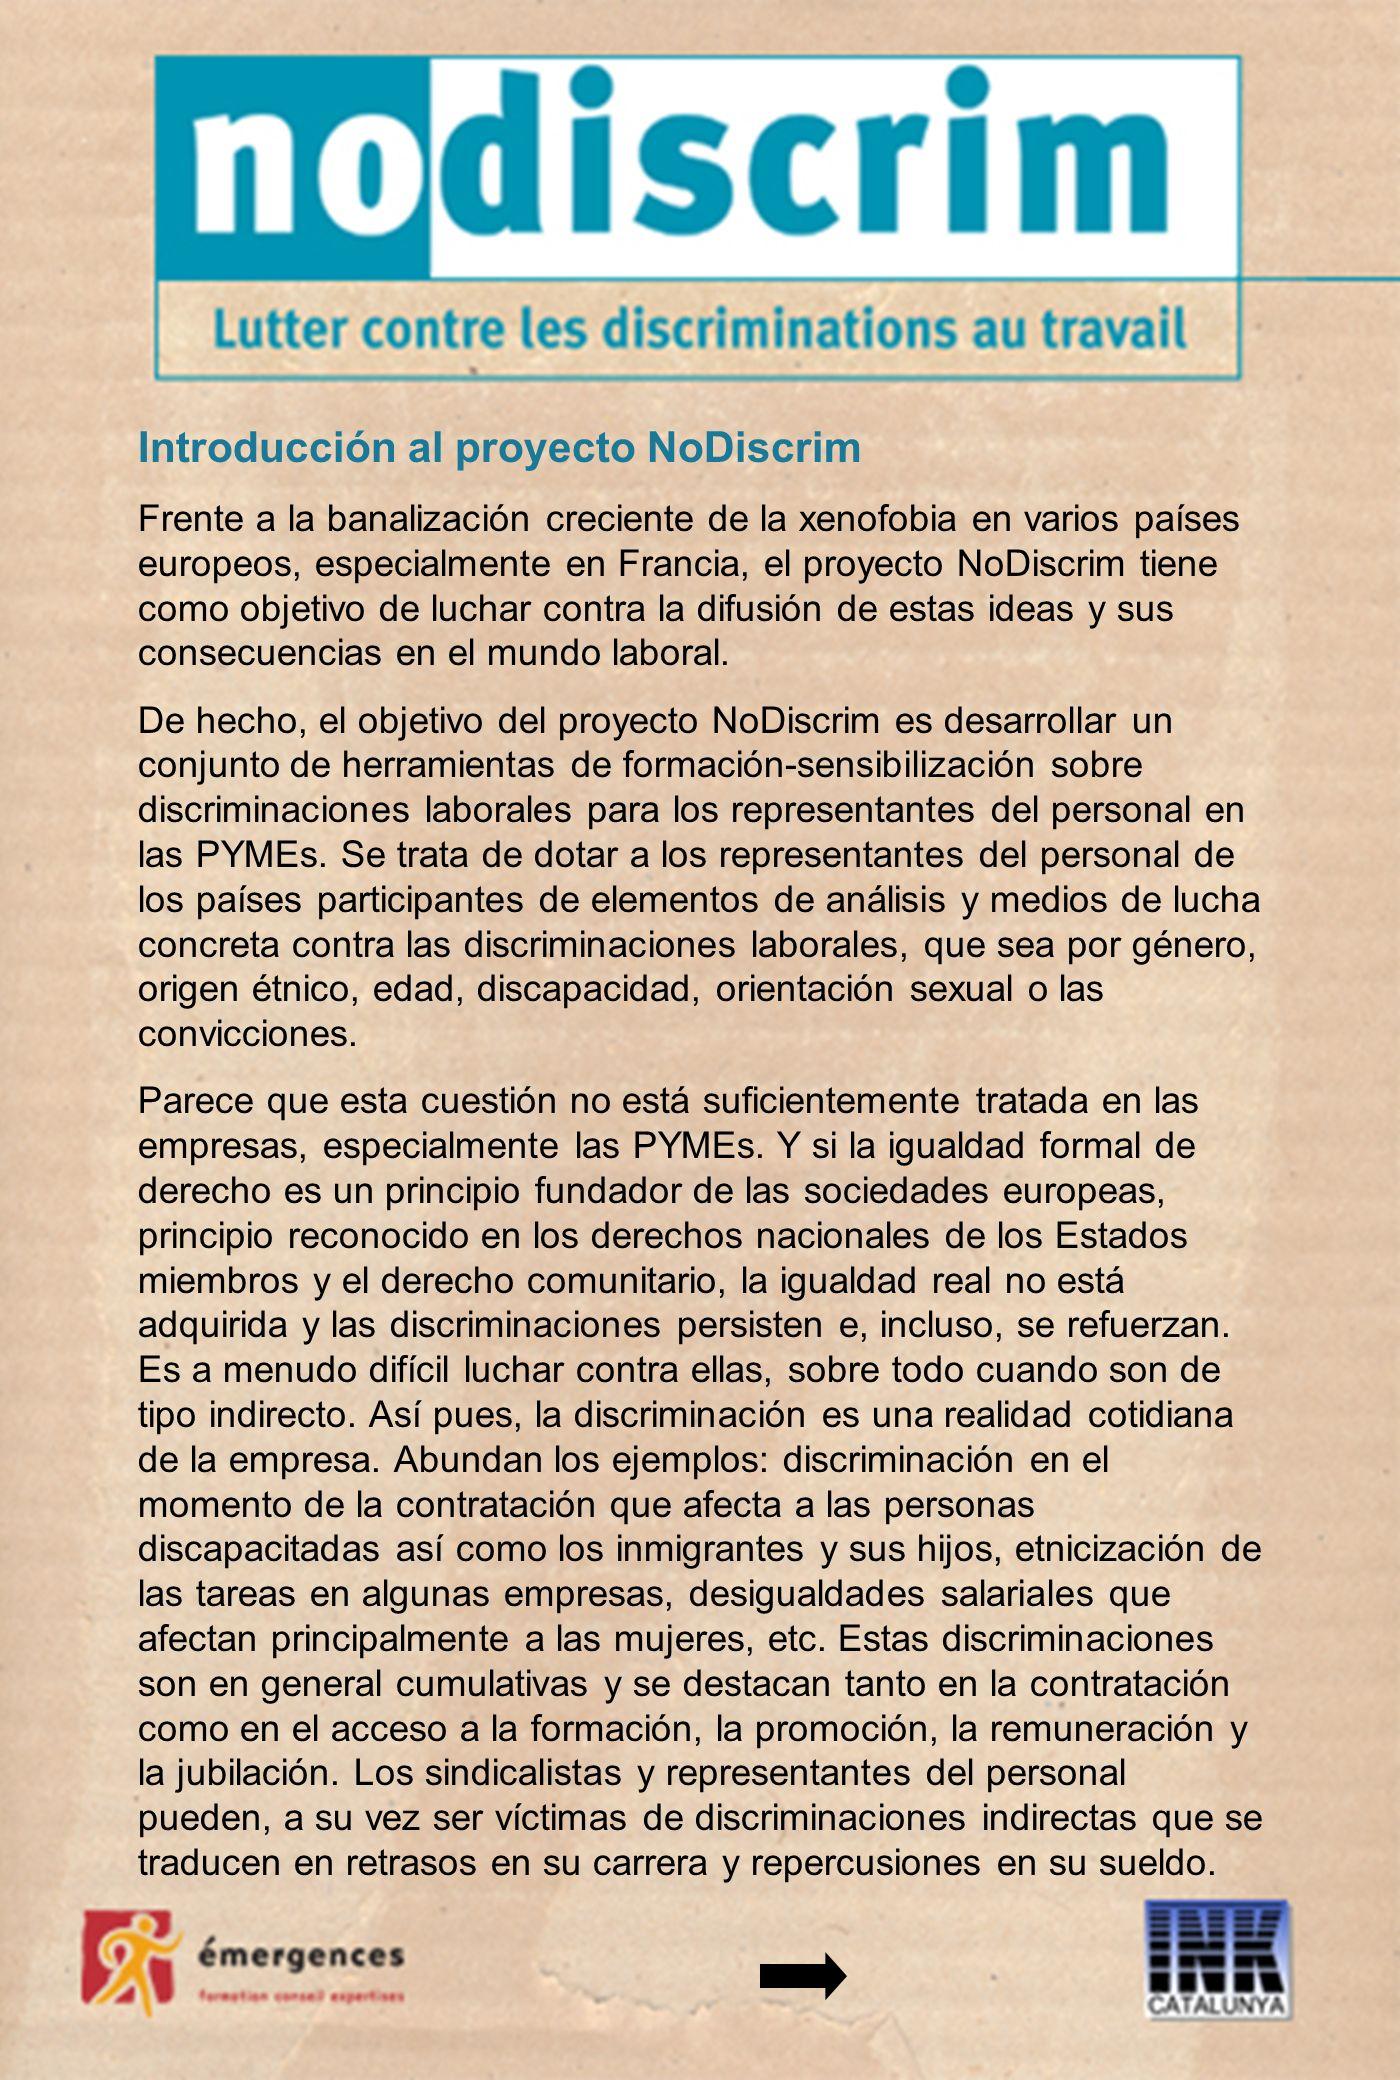 Introducción al proyecto NoDiscrim Frente a la banalización creciente de la xenofobia en varios países europeos, especialmente en Francia, el proyecto NoDiscrim tiene como objetivo de luchar contra la difusión de estas ideas y sus consecuencias en el mundo laboral.